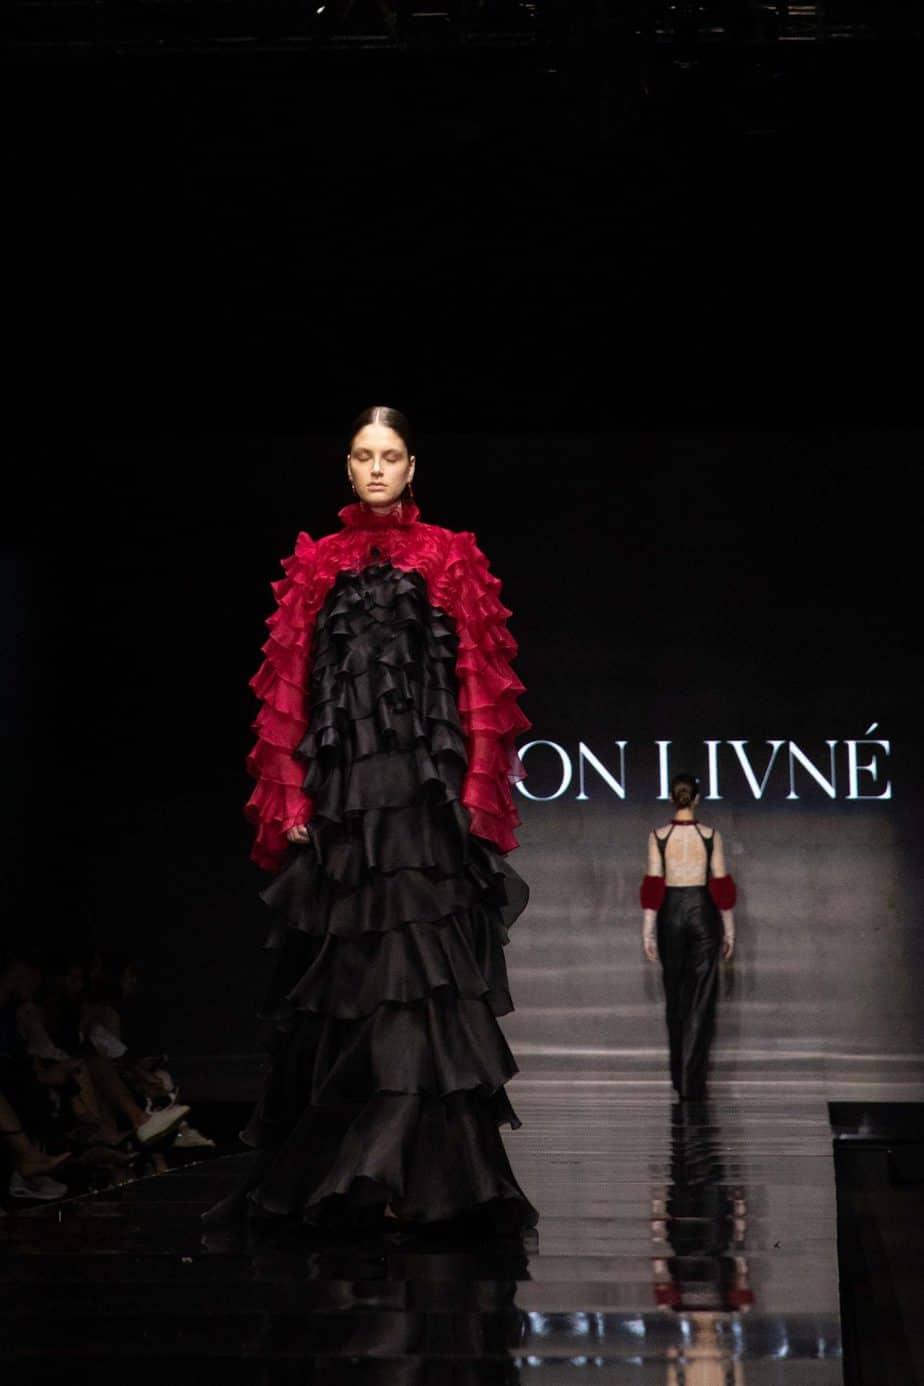 אלון ליבנה. שבוע האופנה תל אביב 2019. צילום עומר קפלן - 4